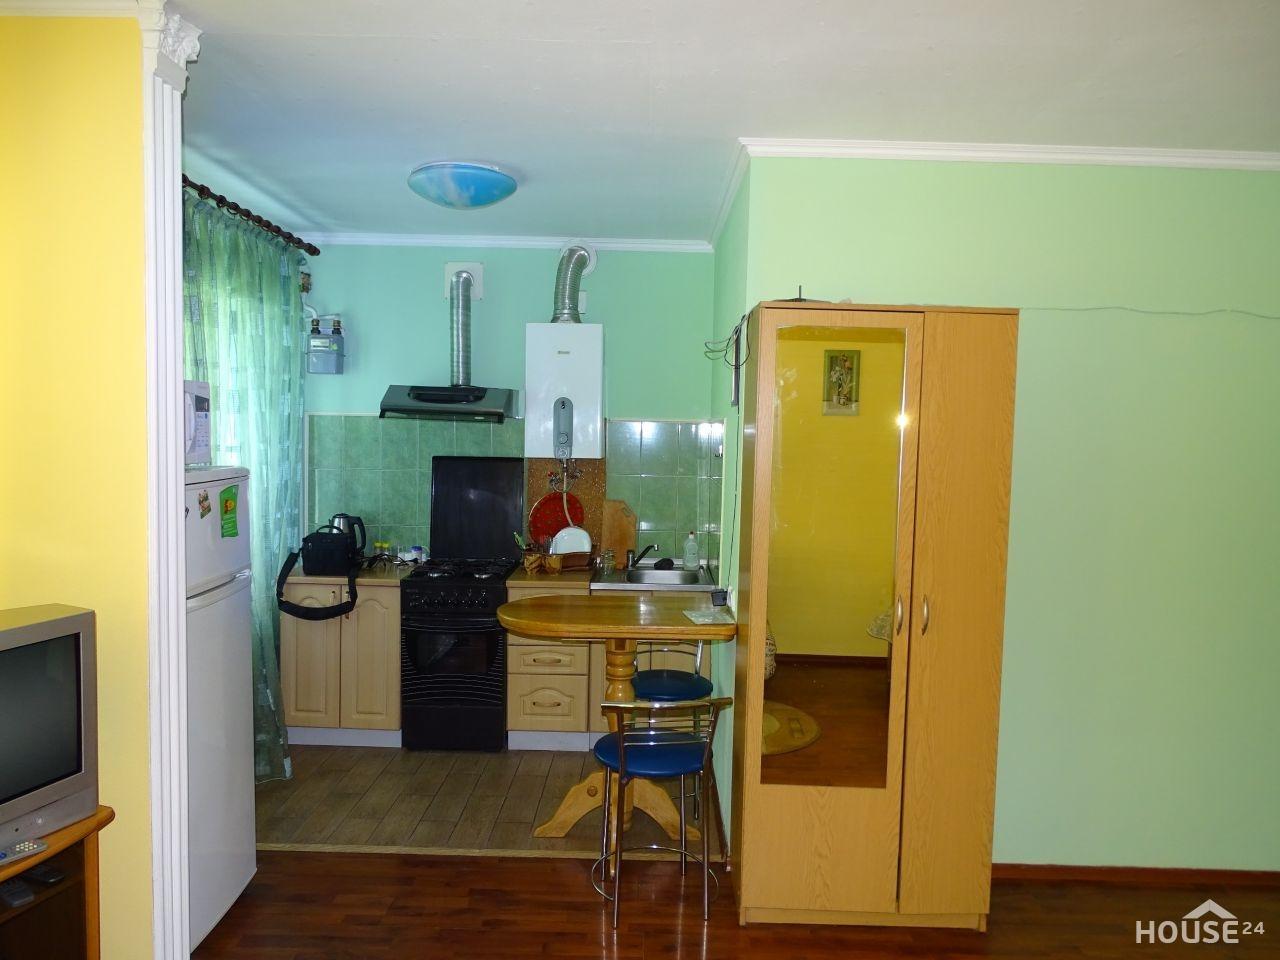 Квартира посуточно Воздухофлотский пр,-т 10 ж/д вокзал Киев, Киев, проспект Воздухофлотский, 10 - фото 9